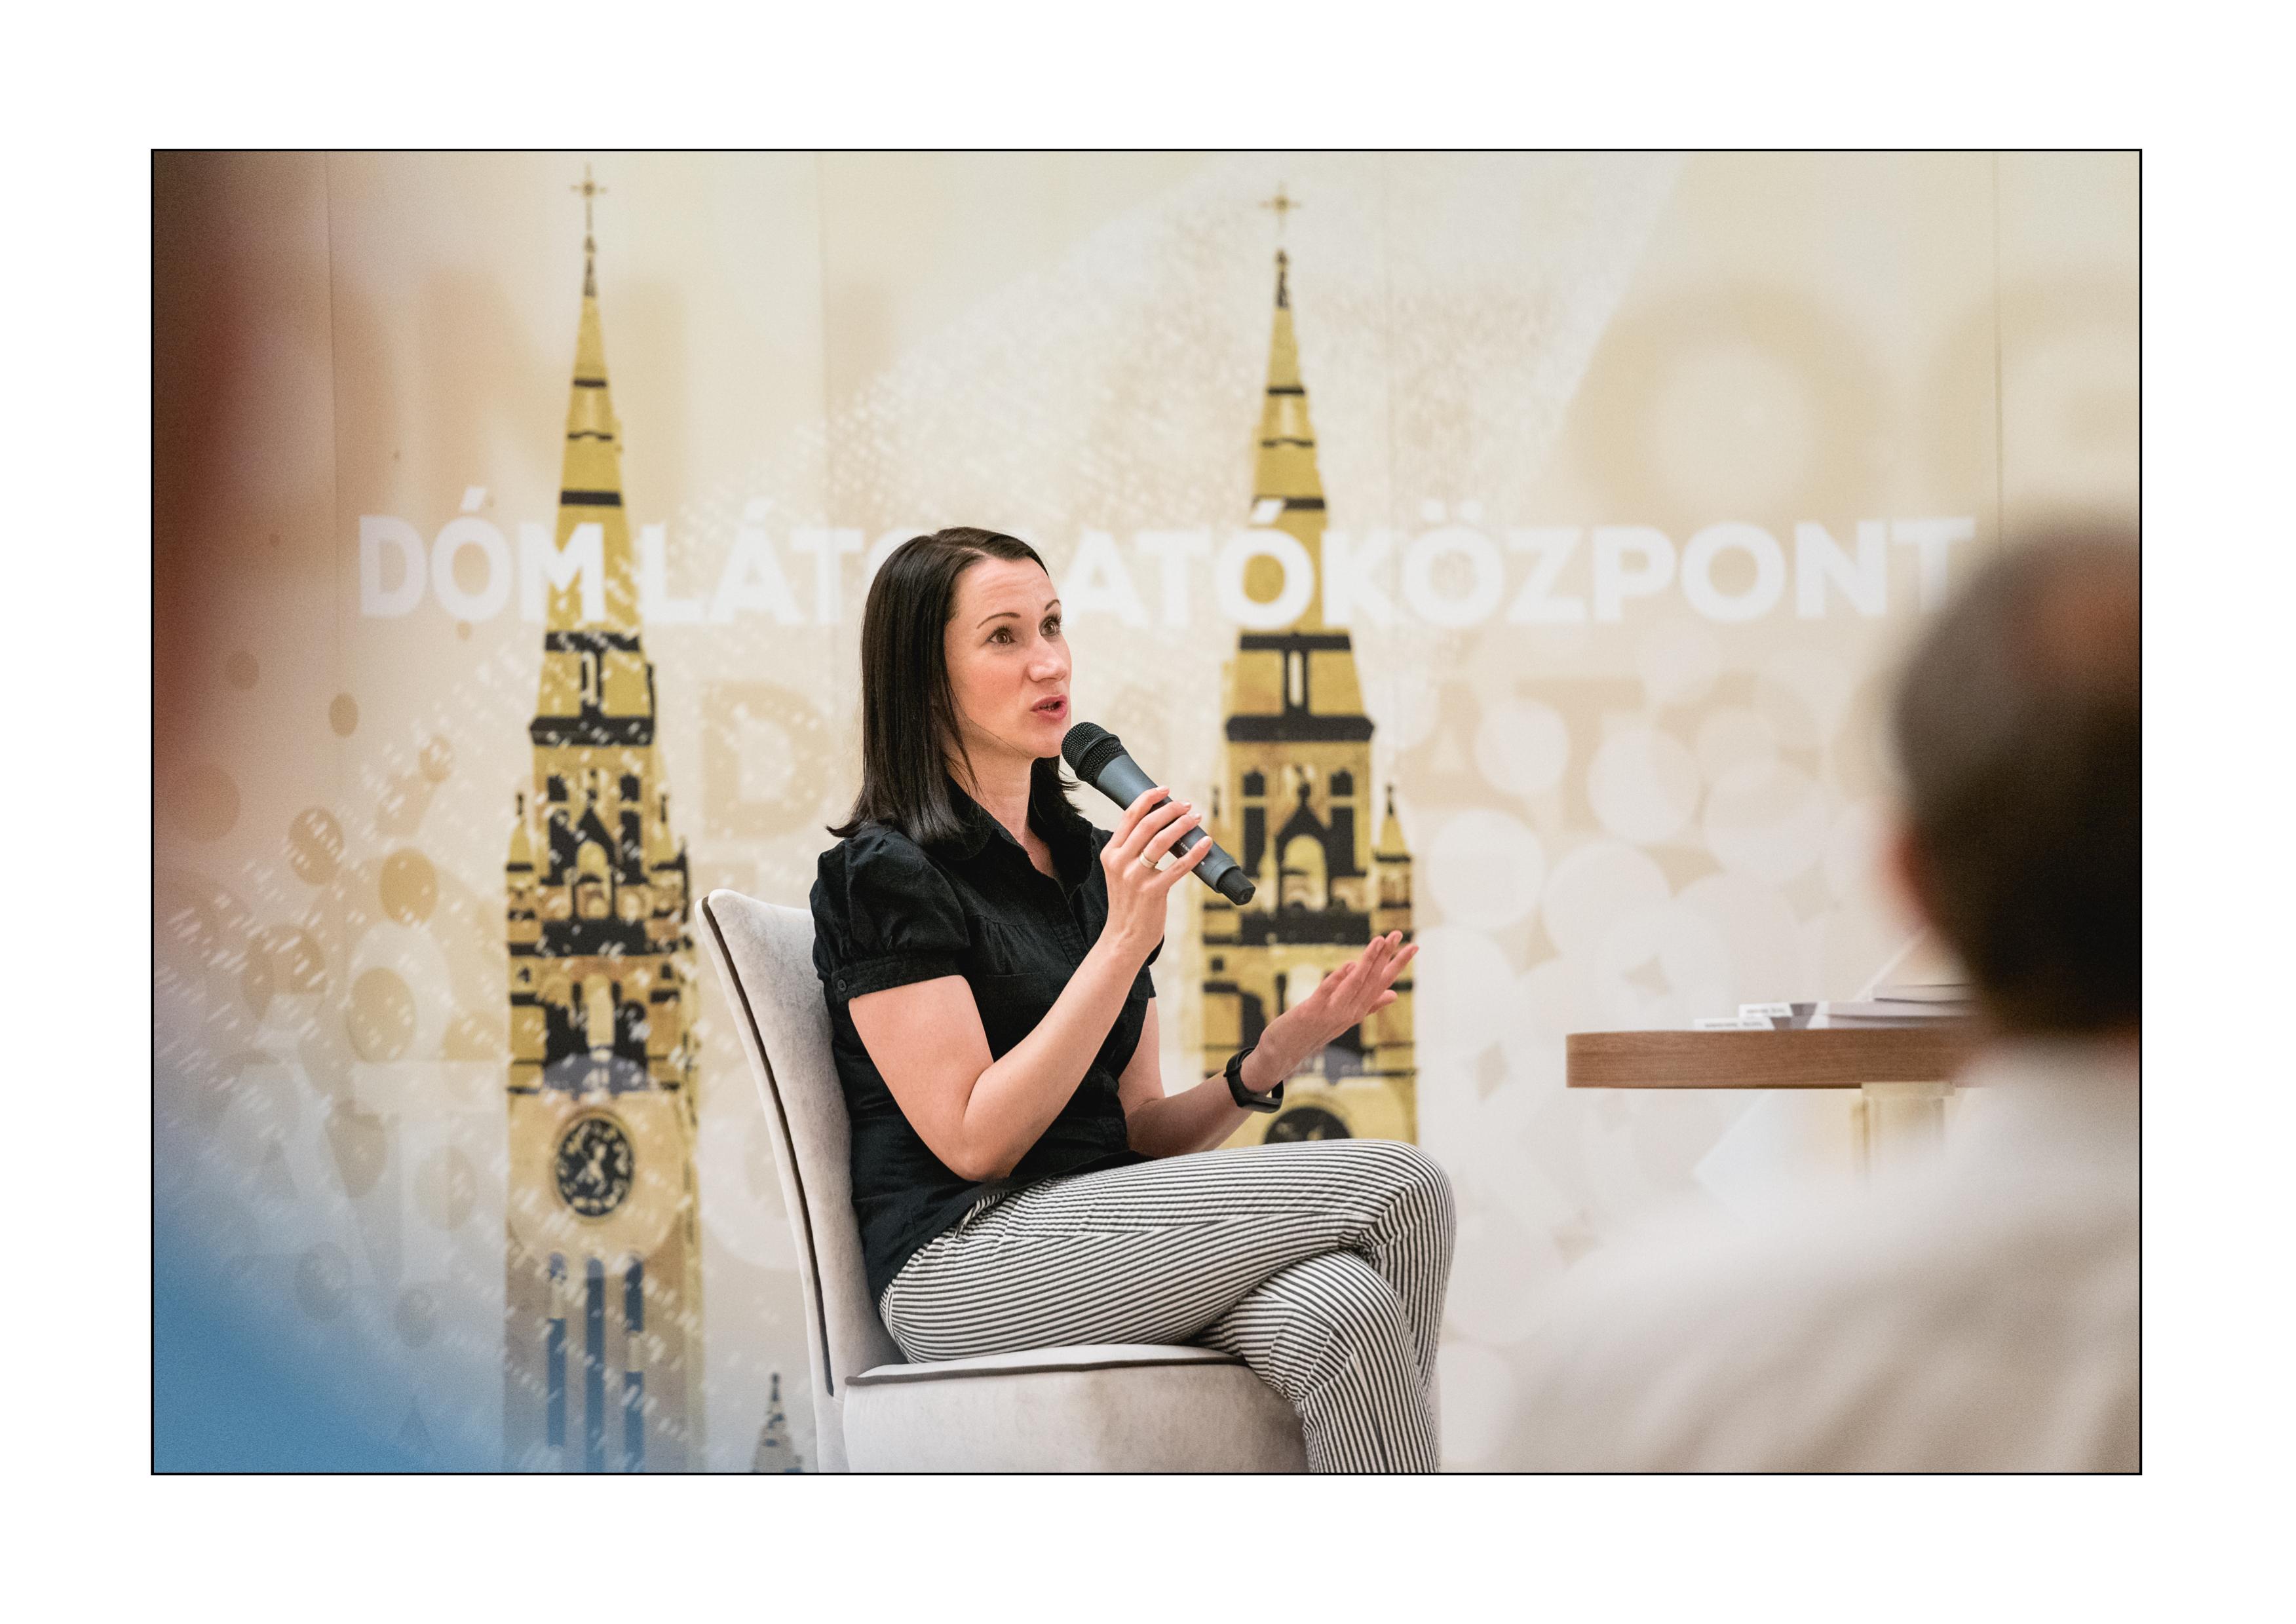 Televíziós műsorkészítés - könyvbemutató, 2020. 09.15. (Fotó: Ocskó Ferenc)